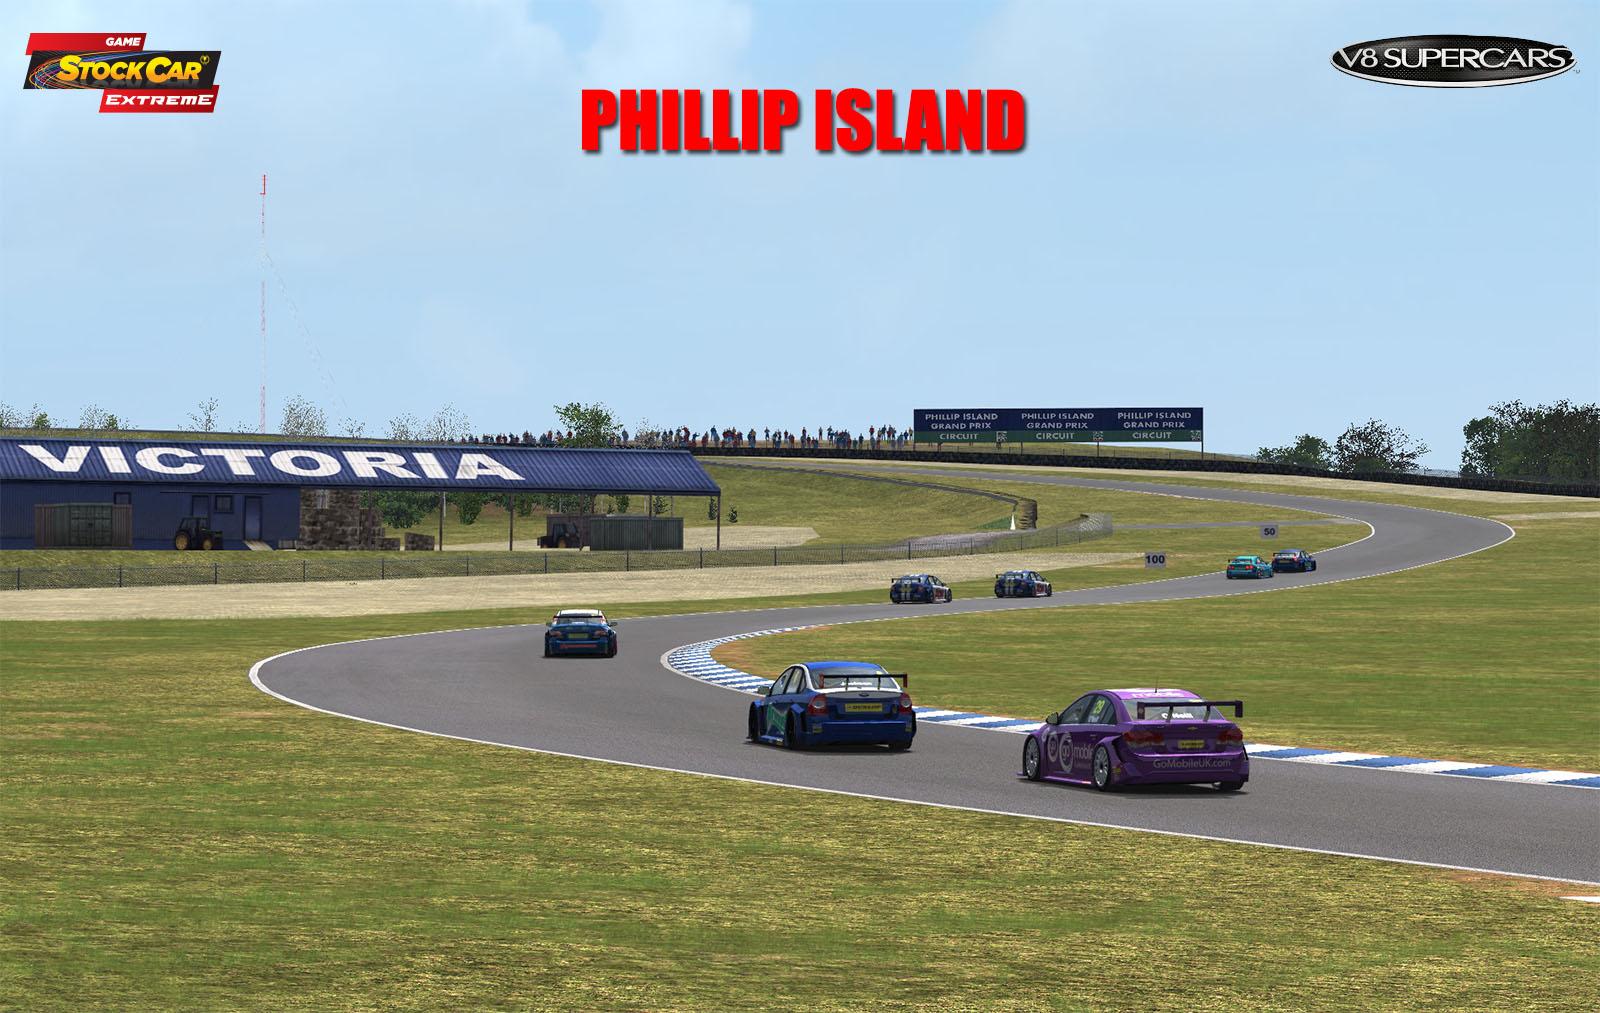 GSC 2013 Phillip Island (V8 Supercars) v2.11